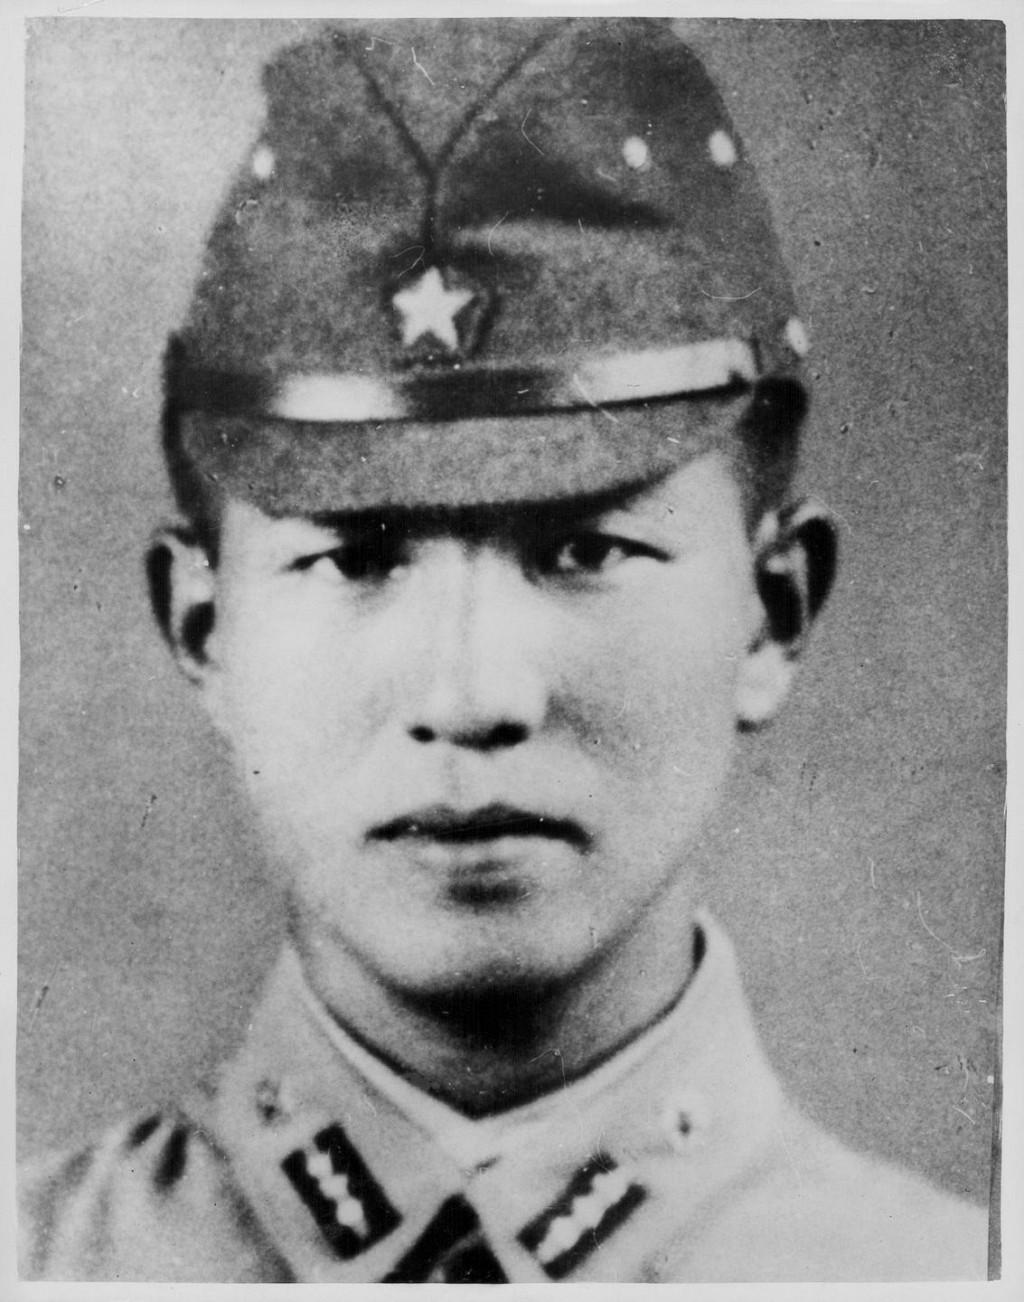 97276 Еще тридцать лет после Второй мировой партизанил японский солдат